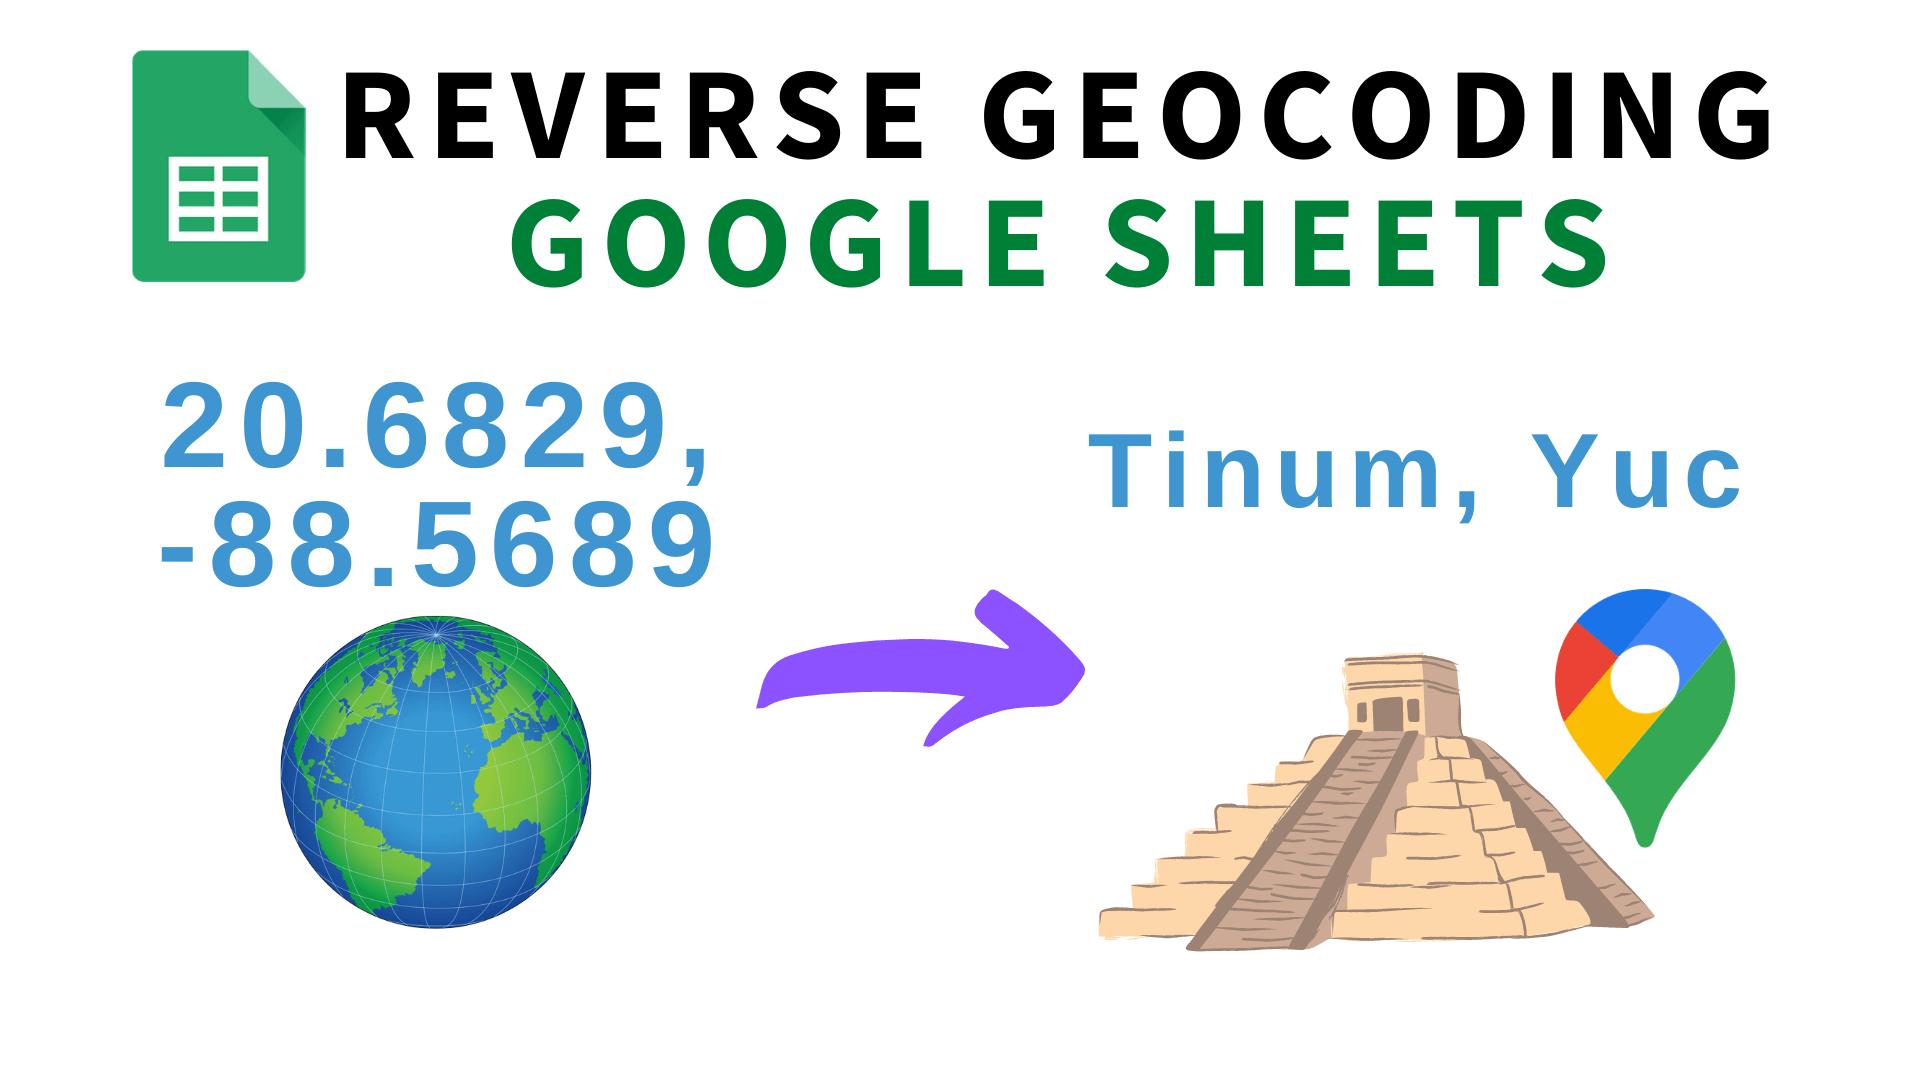 Convertir coordenadas de latitud y longitud en direcciones con Google Sheets y Google Maps (Reverse Geocoding)